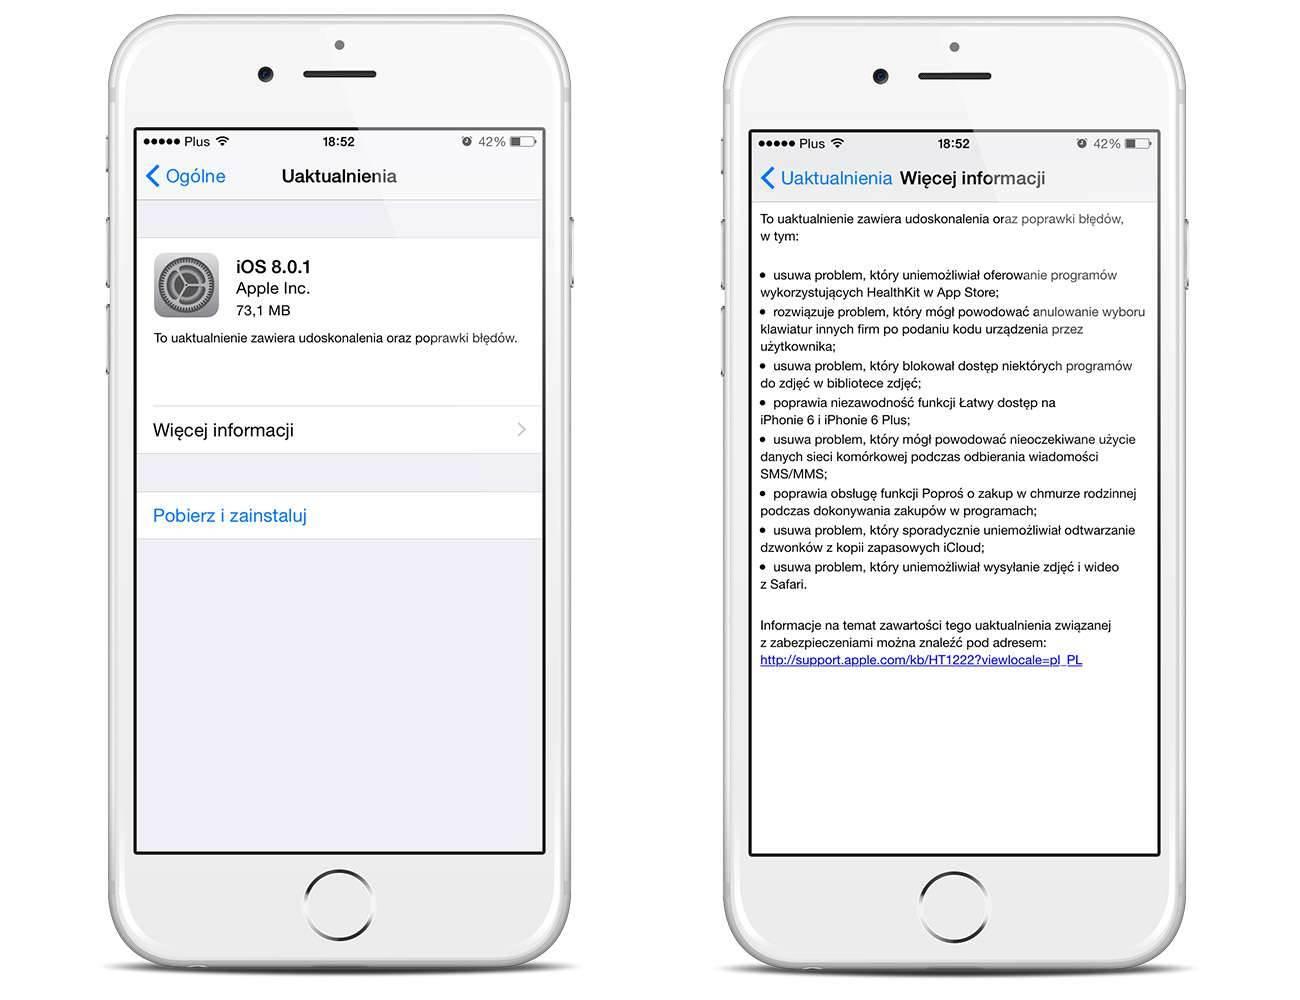 iOS8.0.1